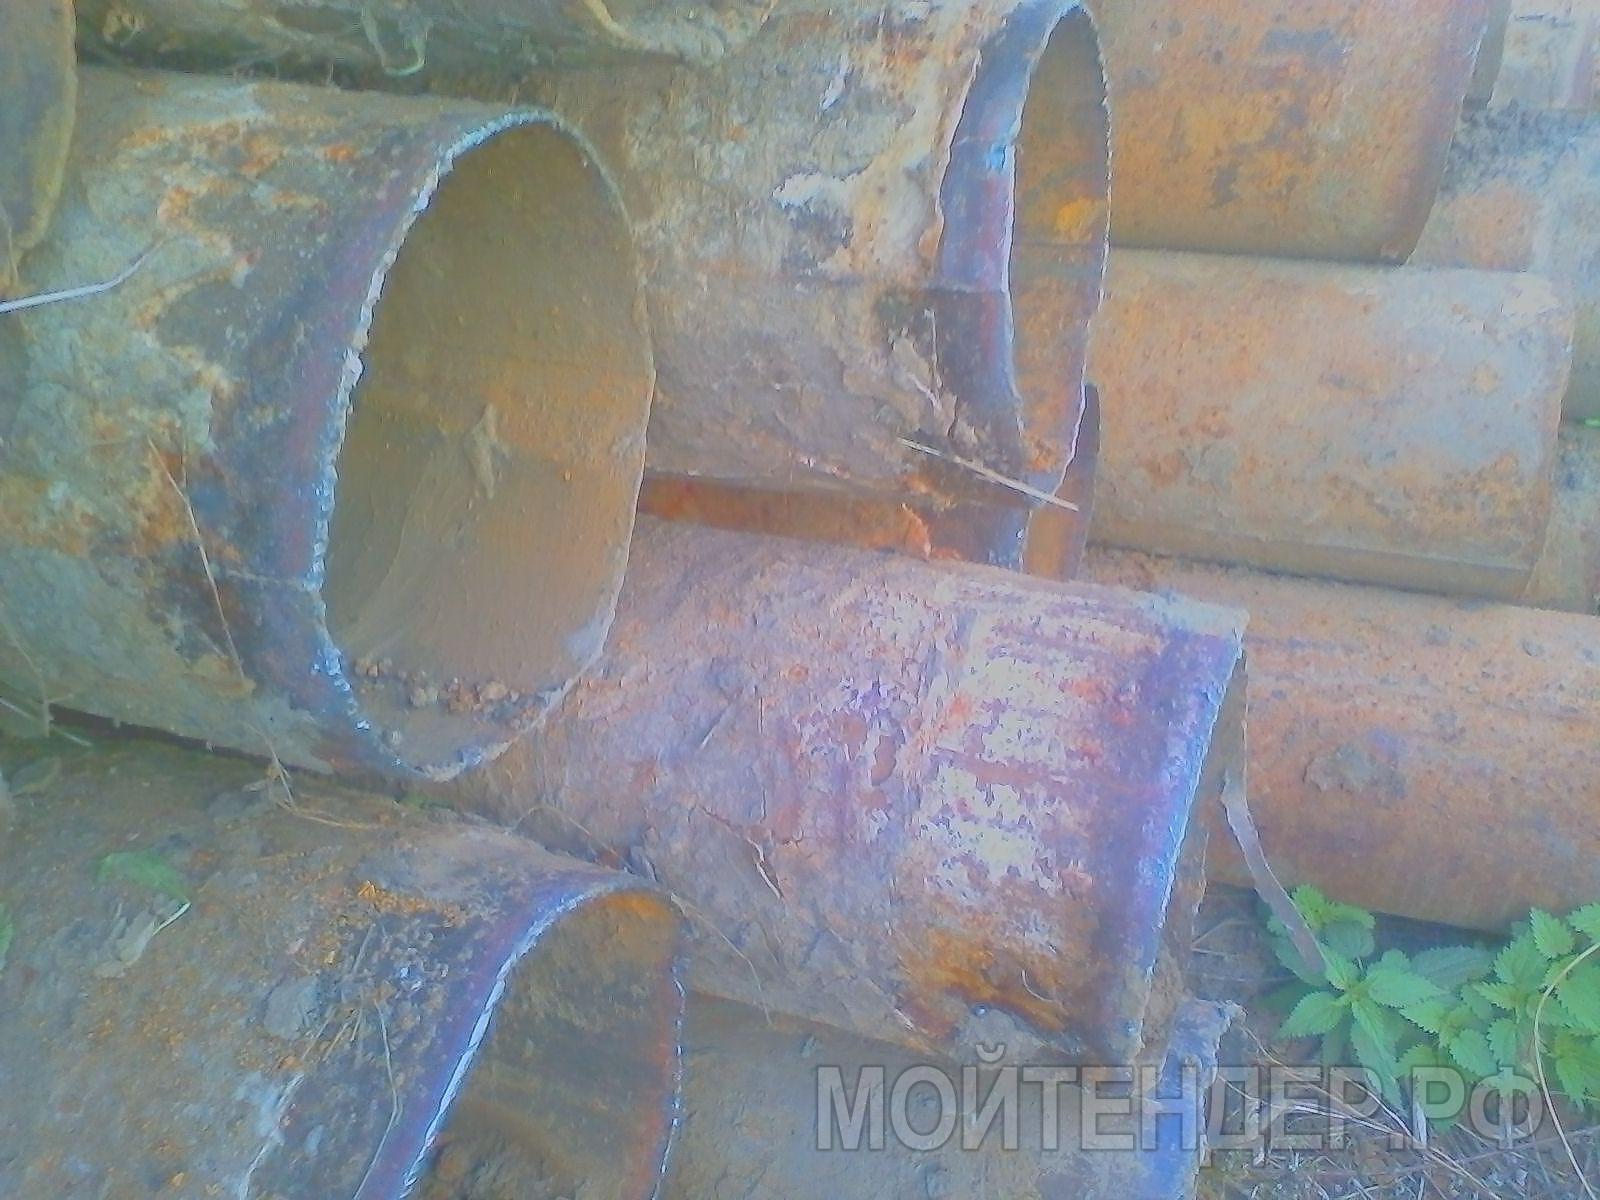 Мойтендер.рф-304-42-2626: Фото 4